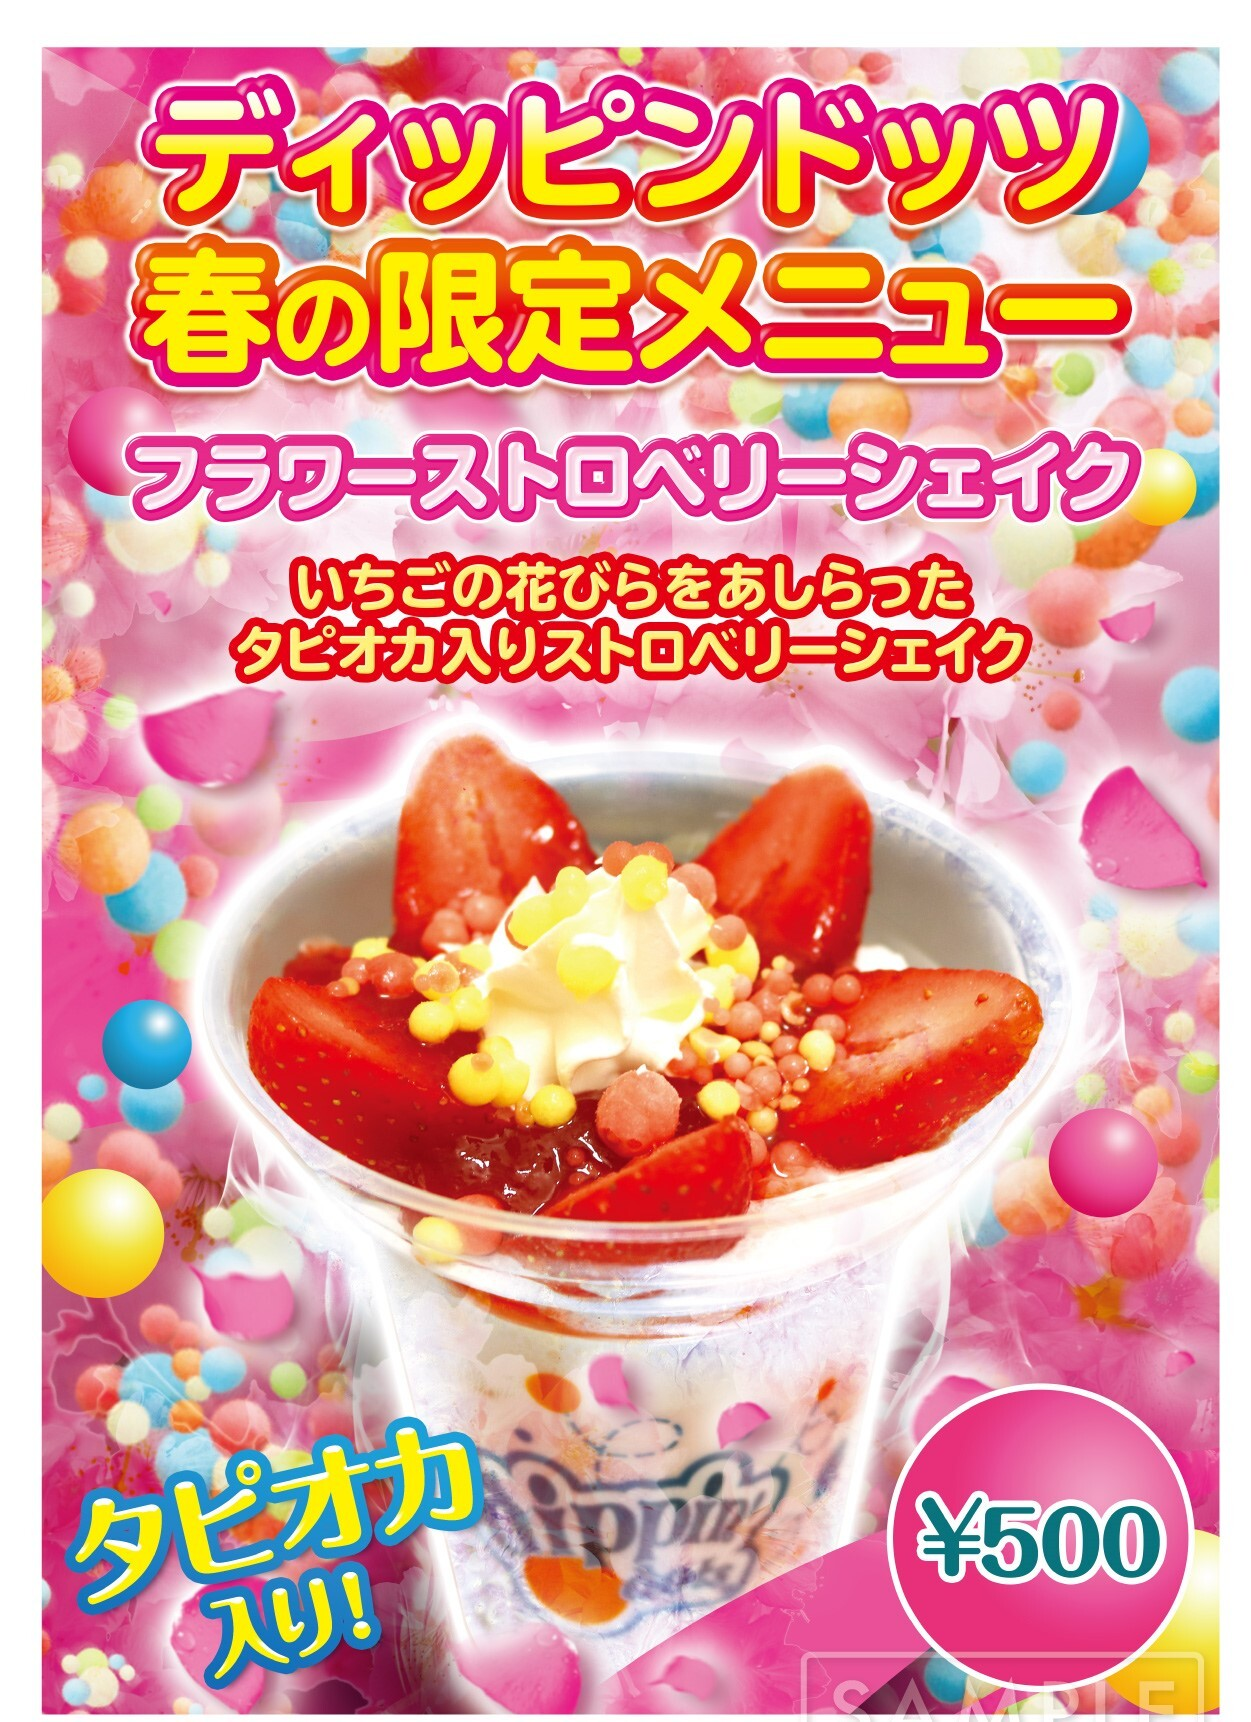 春限定メニュー!フラワーストロベリーシェイク登場!